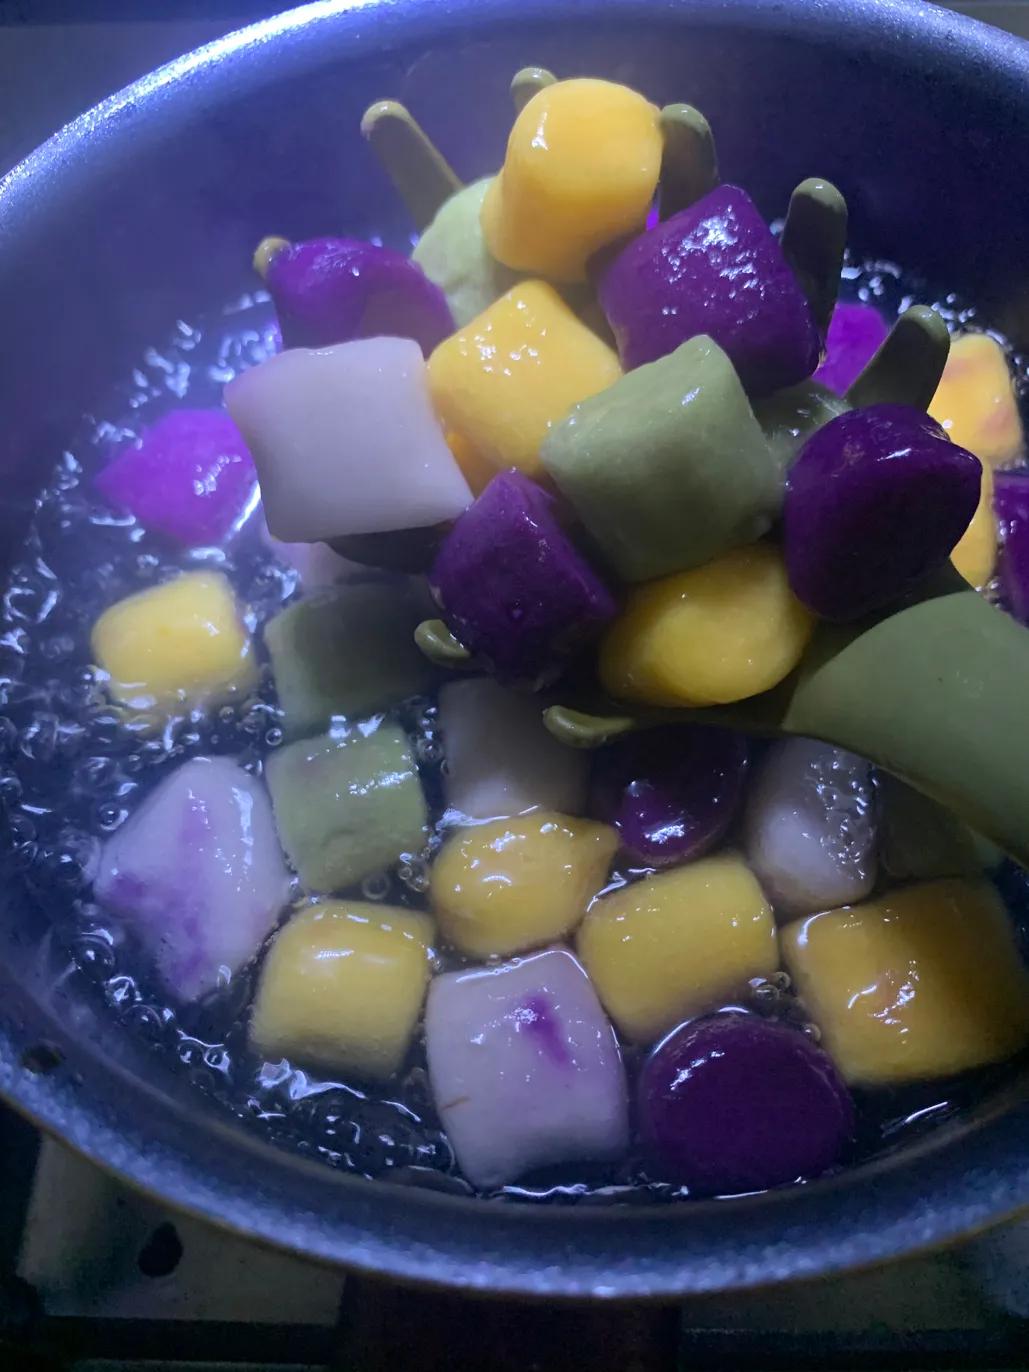 自制一杯珍珠芋圆脏脏茶需要多少东西?